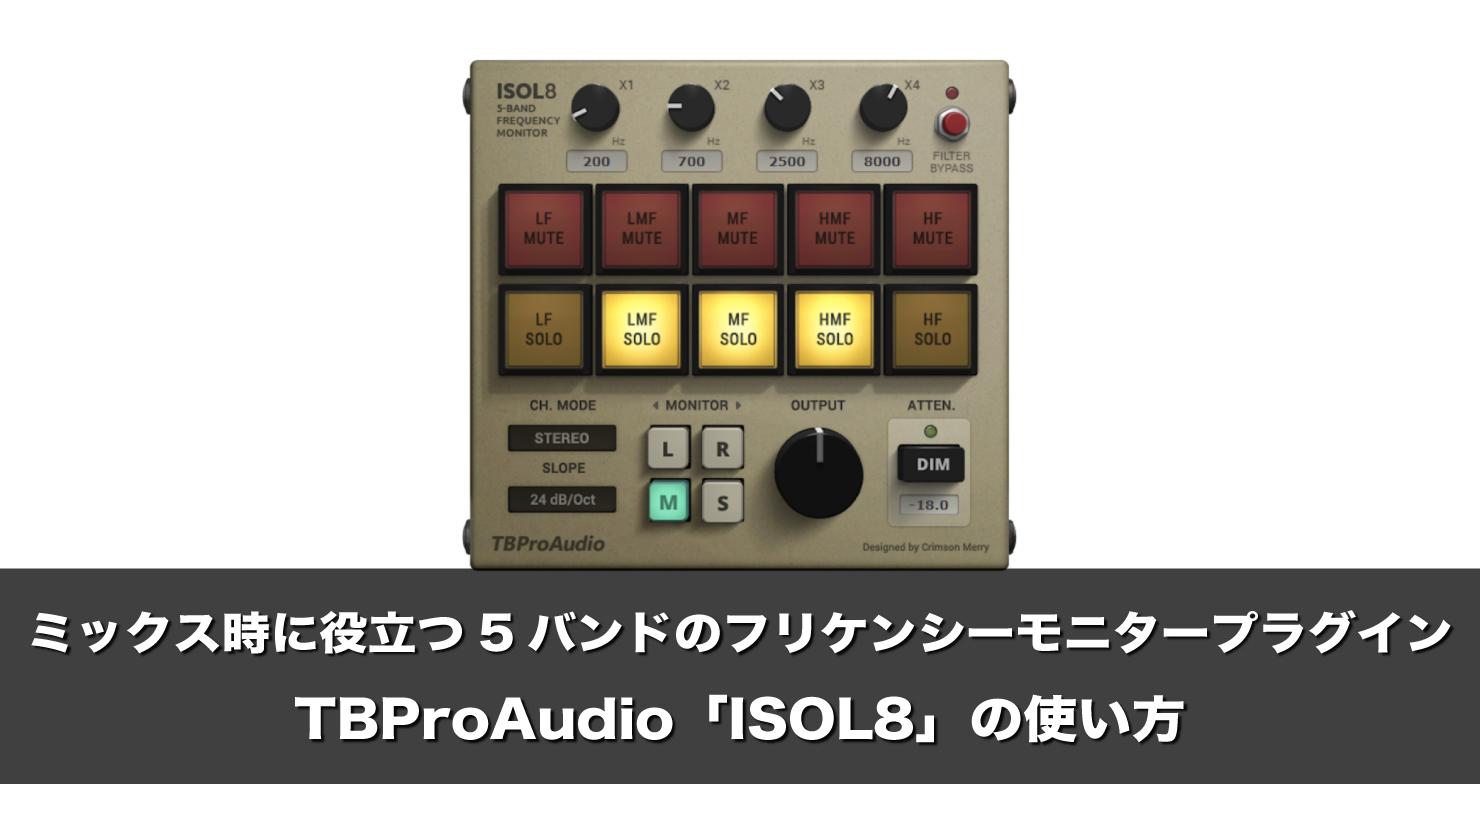 TBProAudio-ISOL8-How-to